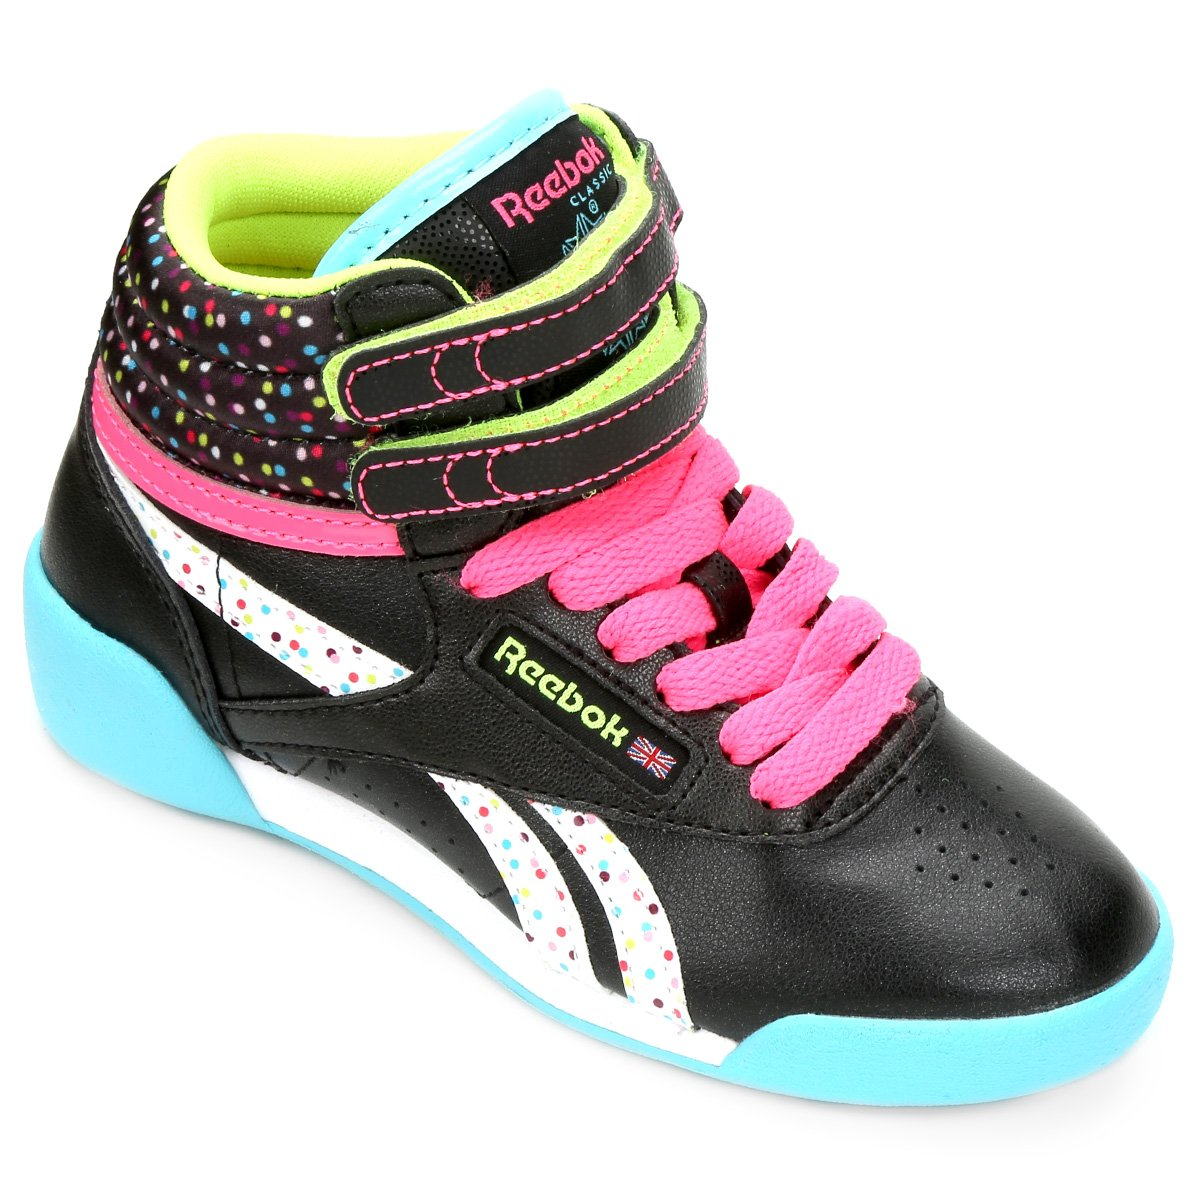 fb9ea95efaf Tênis Reebok Freestyle Hi Bday K Infantil - Compre Agora